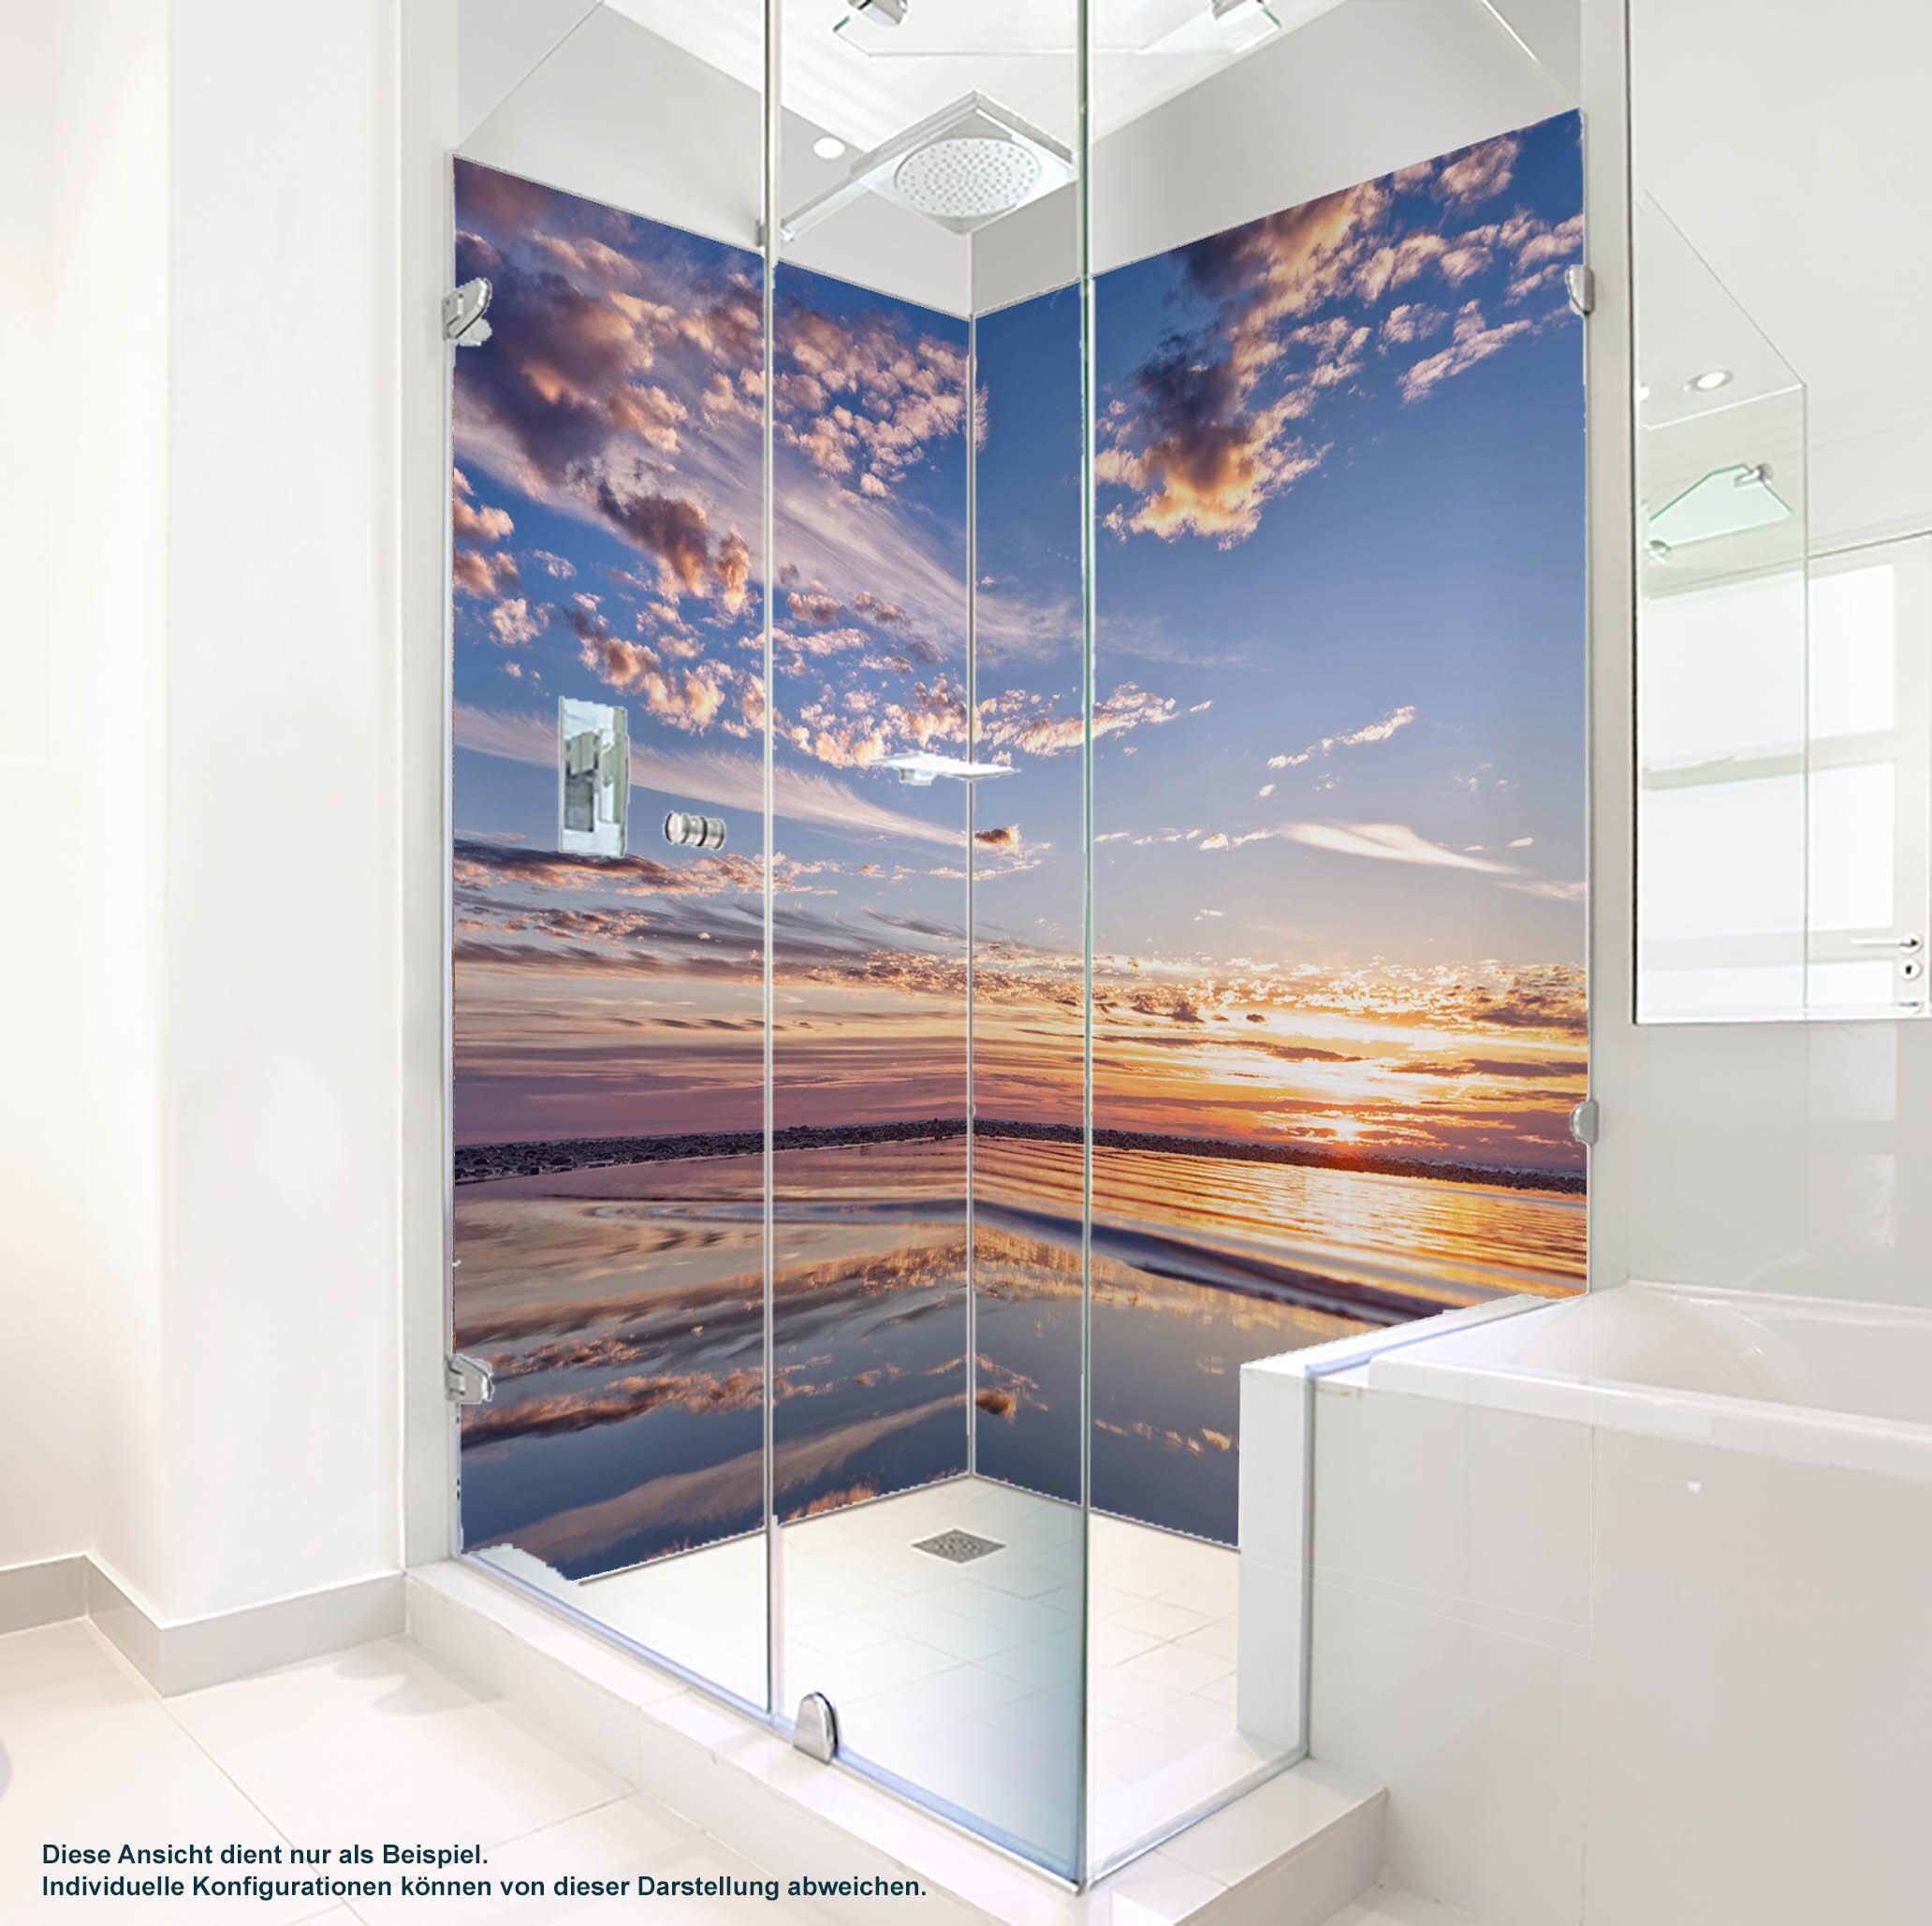 Dusche PlateART Duschrückwand mit Motiv Strand und Meer Abendstimmung